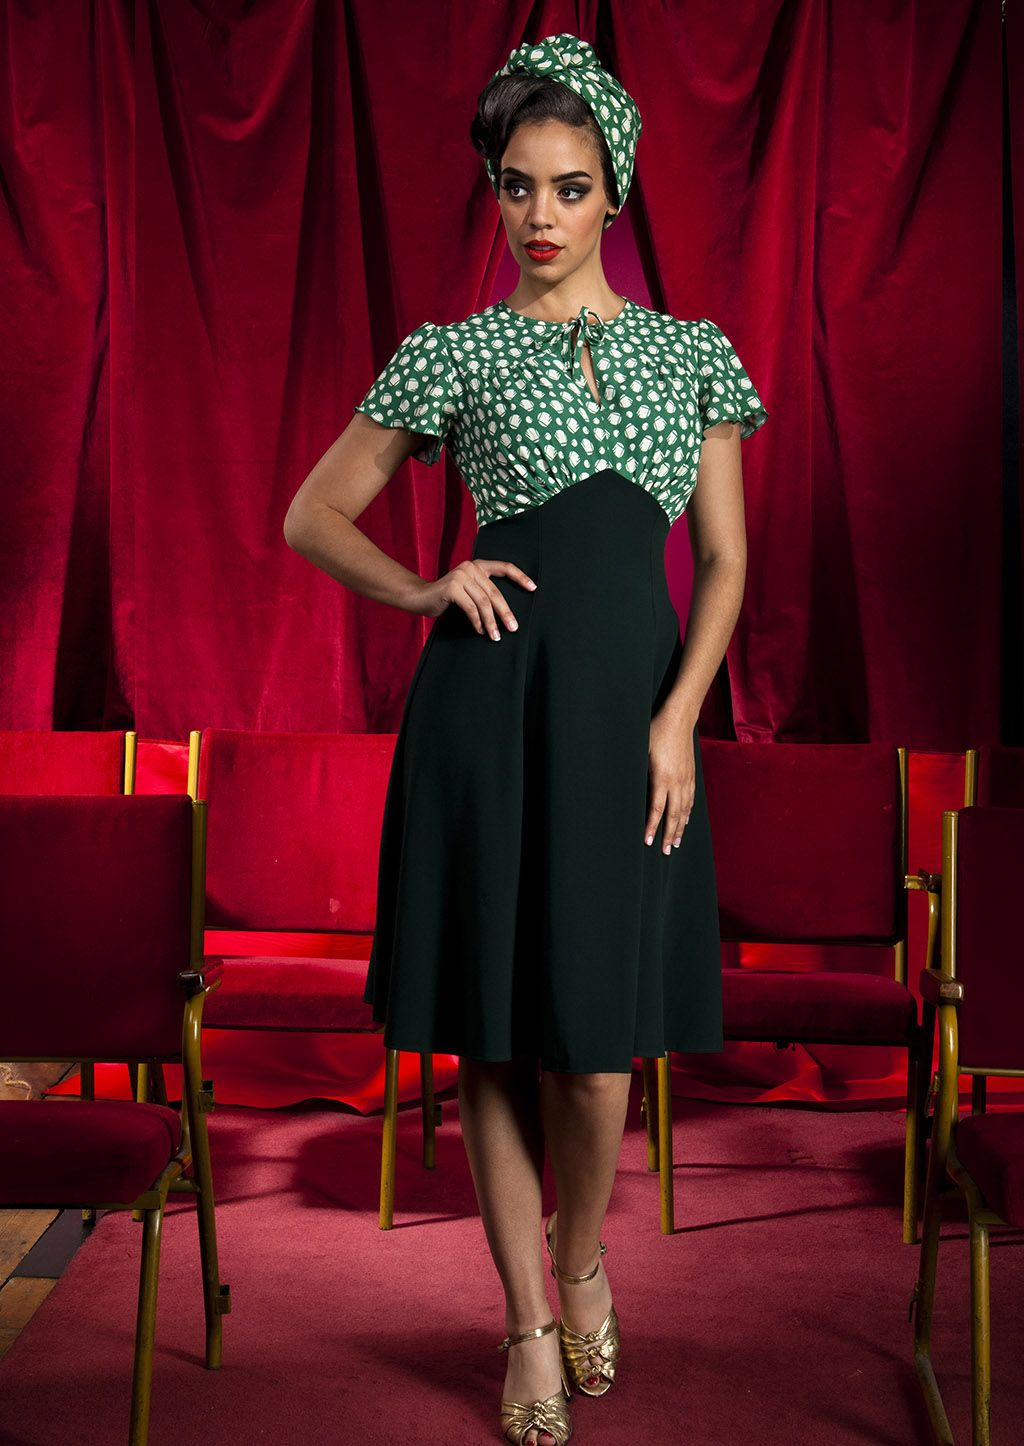 ffc6edead08 1940s Style Grable Tea Swing Dance Dress in Emerald Deco Dot